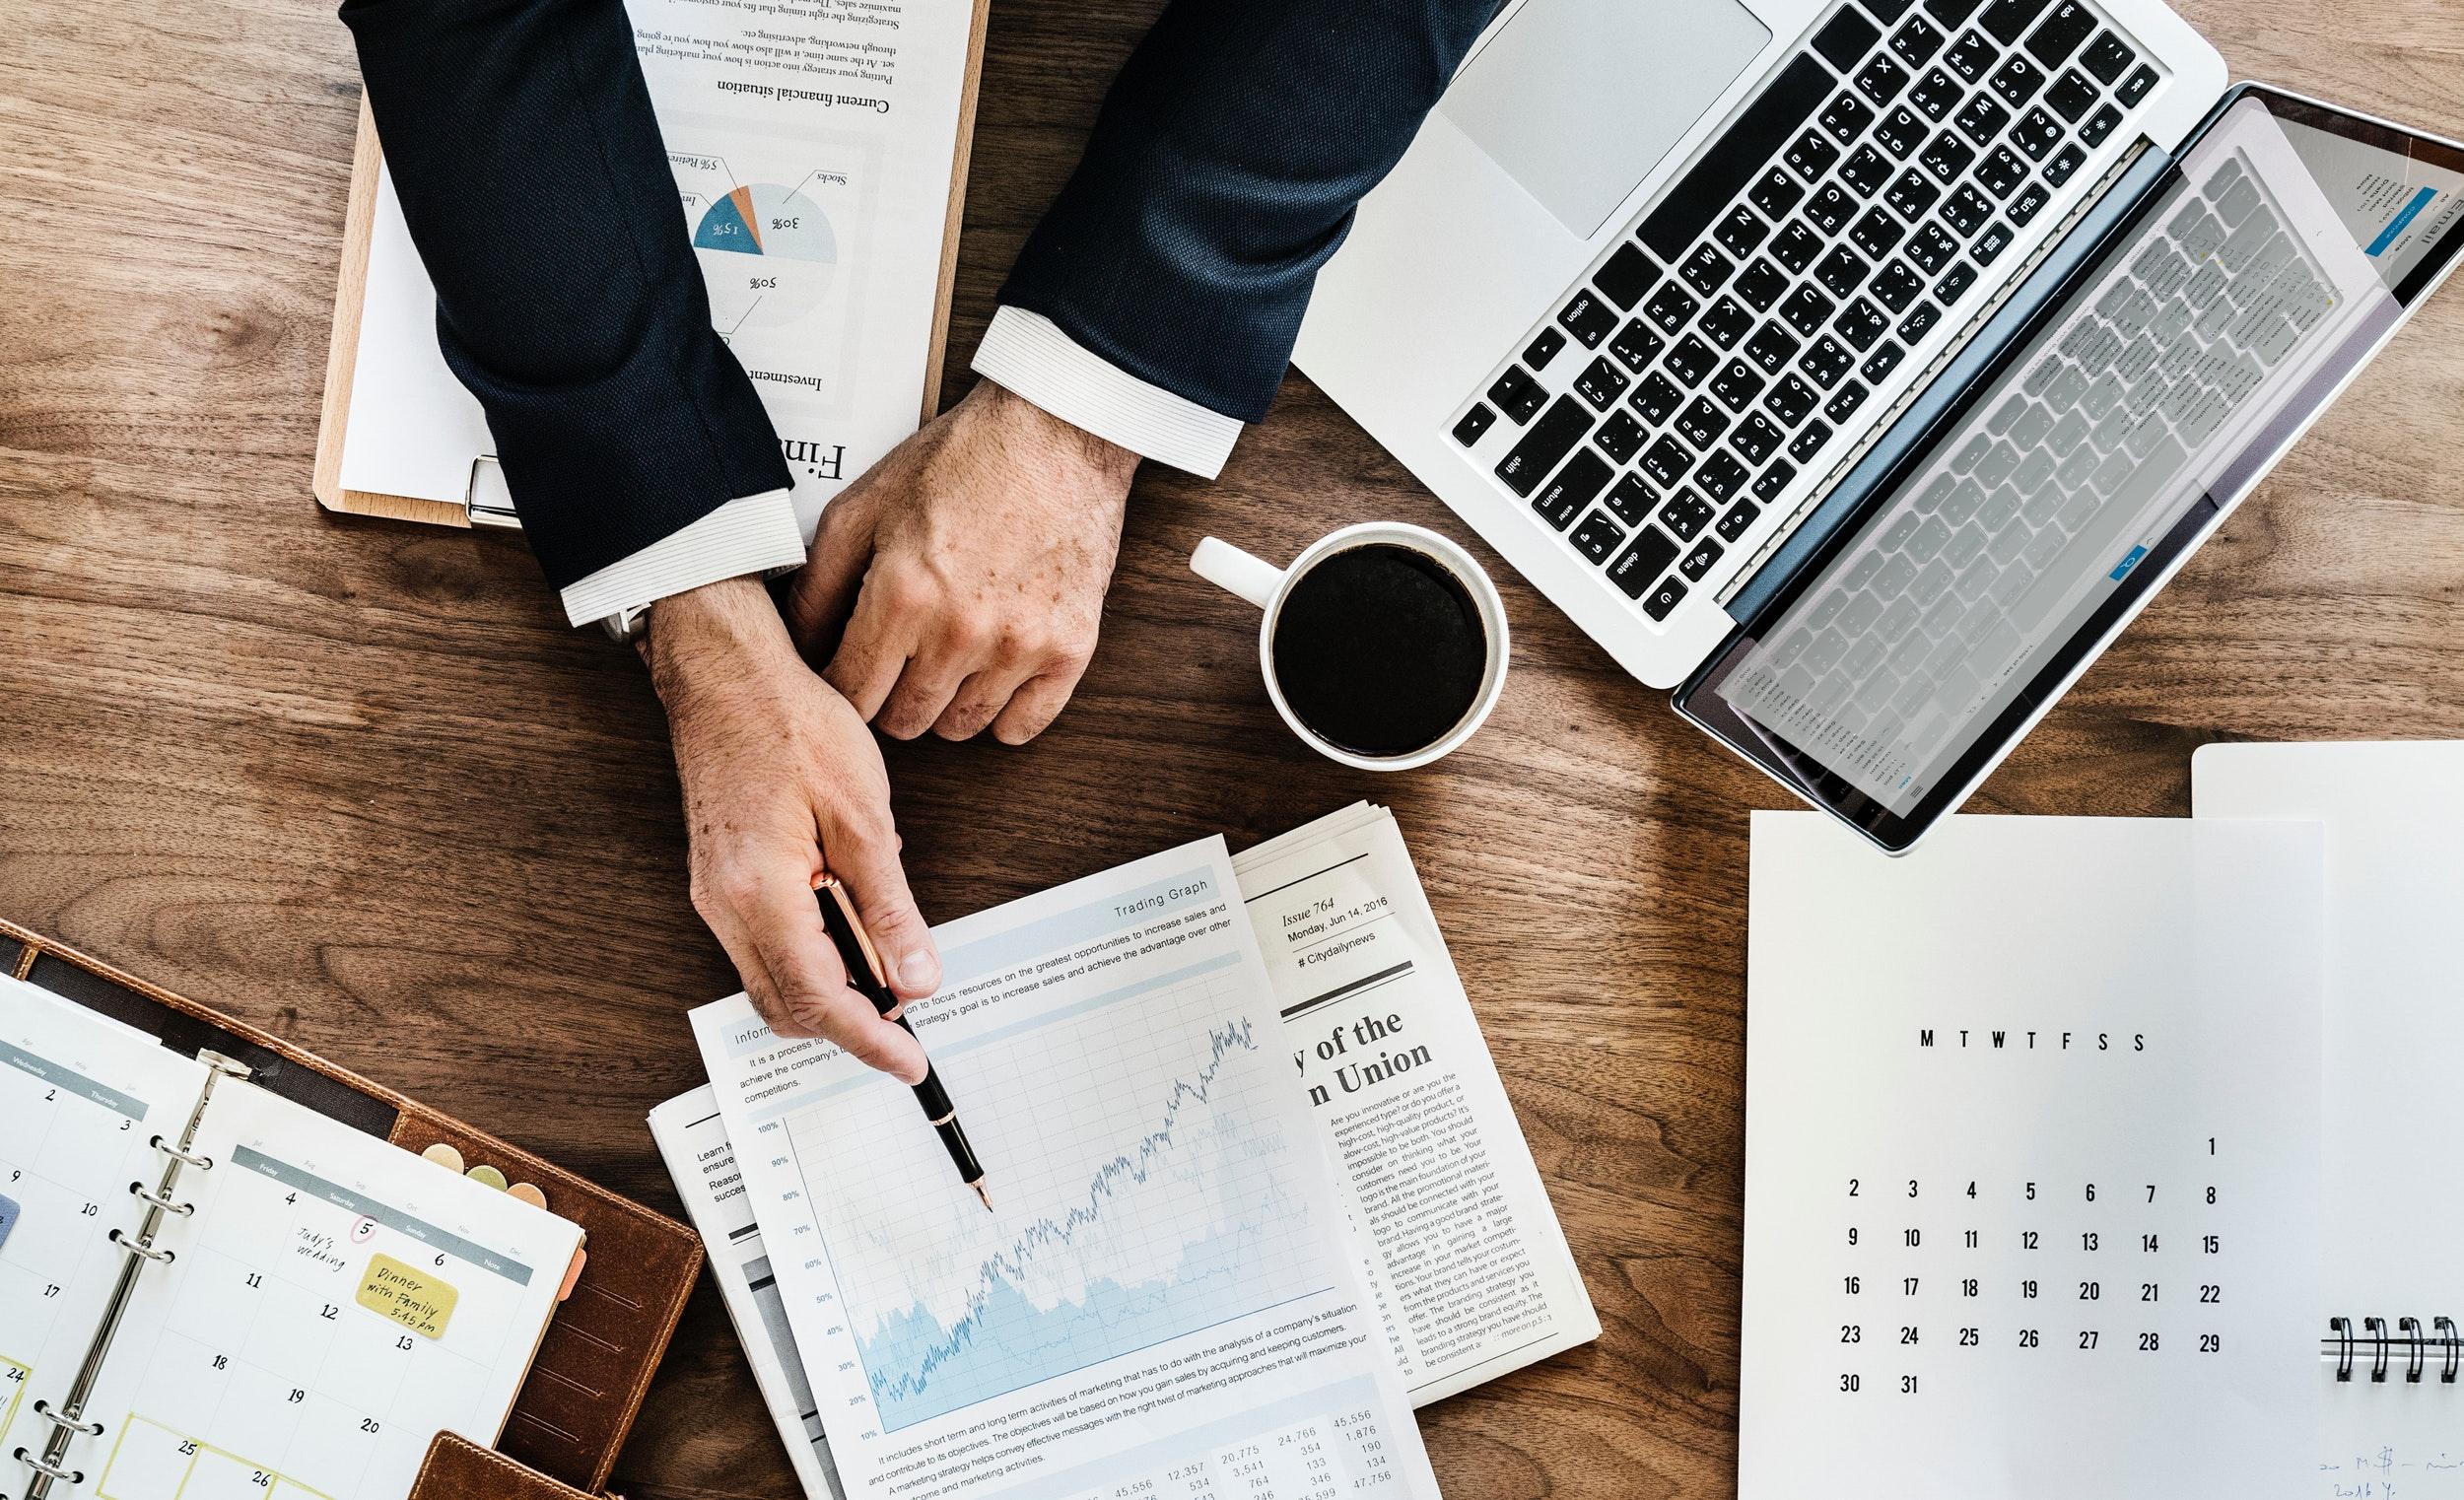 Nuevo Reporte eMarketer: Tecnología en Marketing es prioridad del presupuesto para CMOs